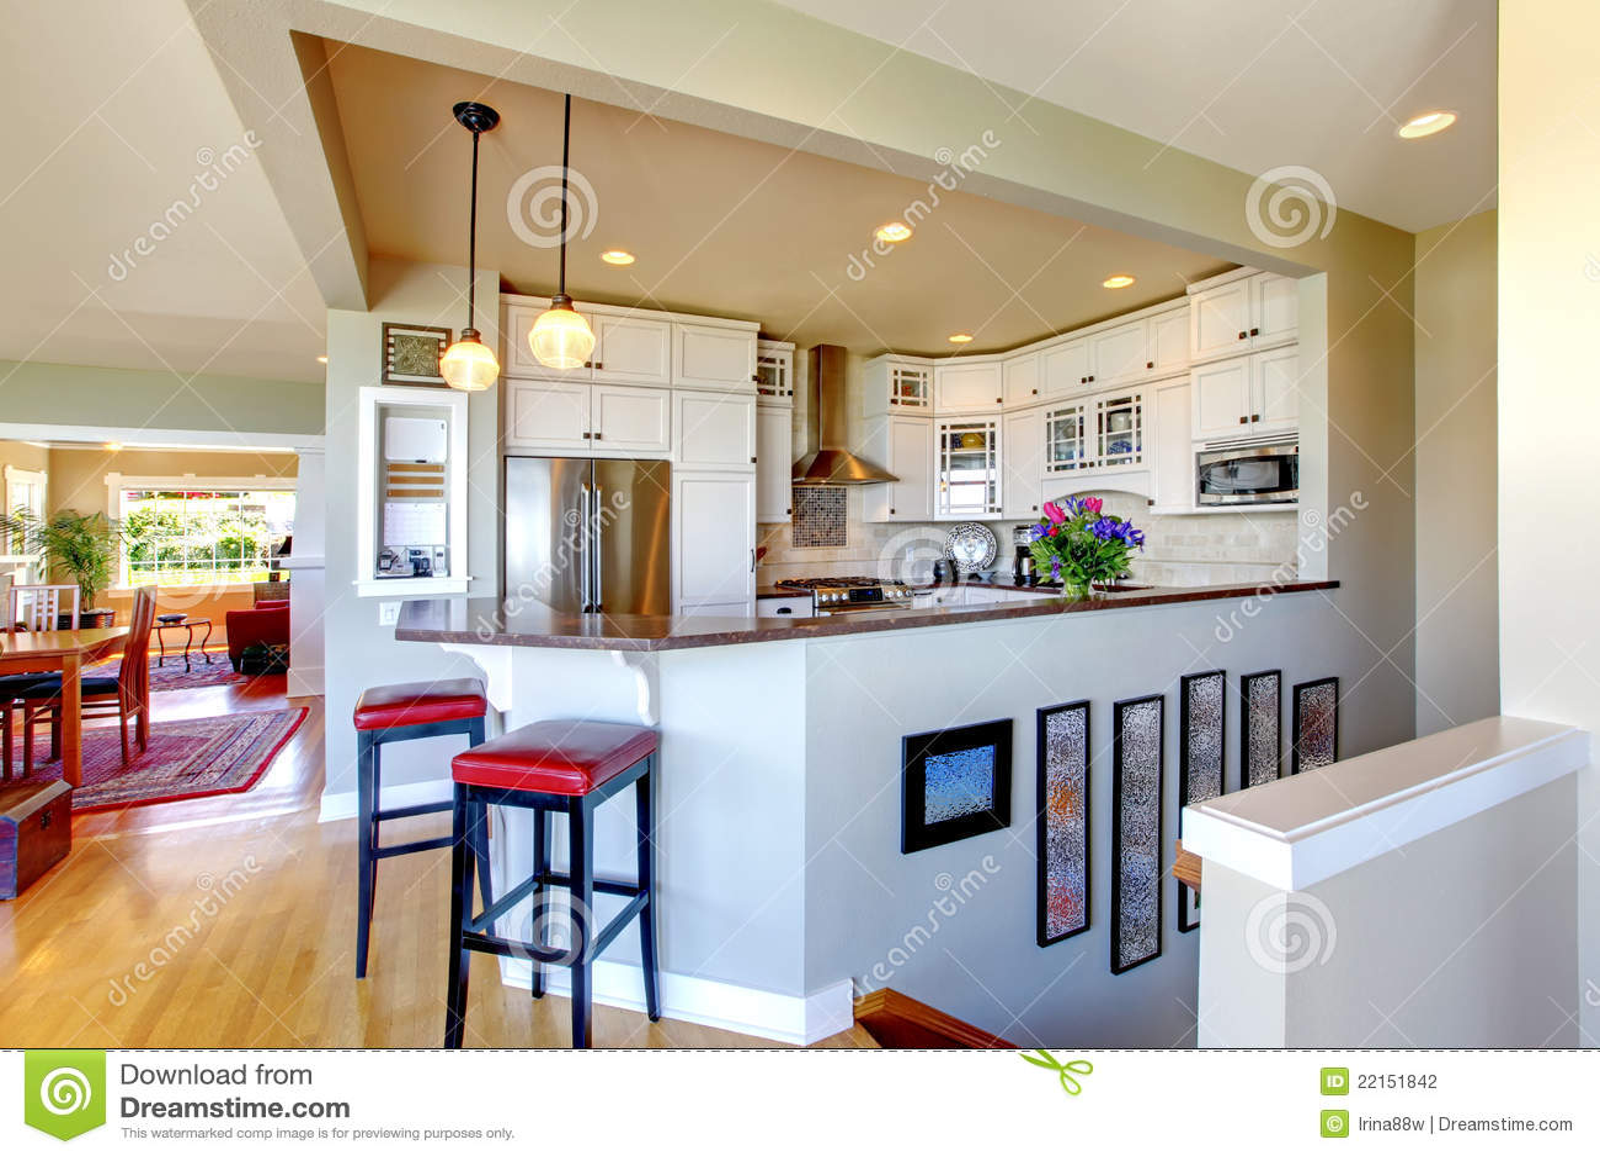 Dise o interior de la cocina cabinas y barra blancas - Diseno de barras para cocina ...